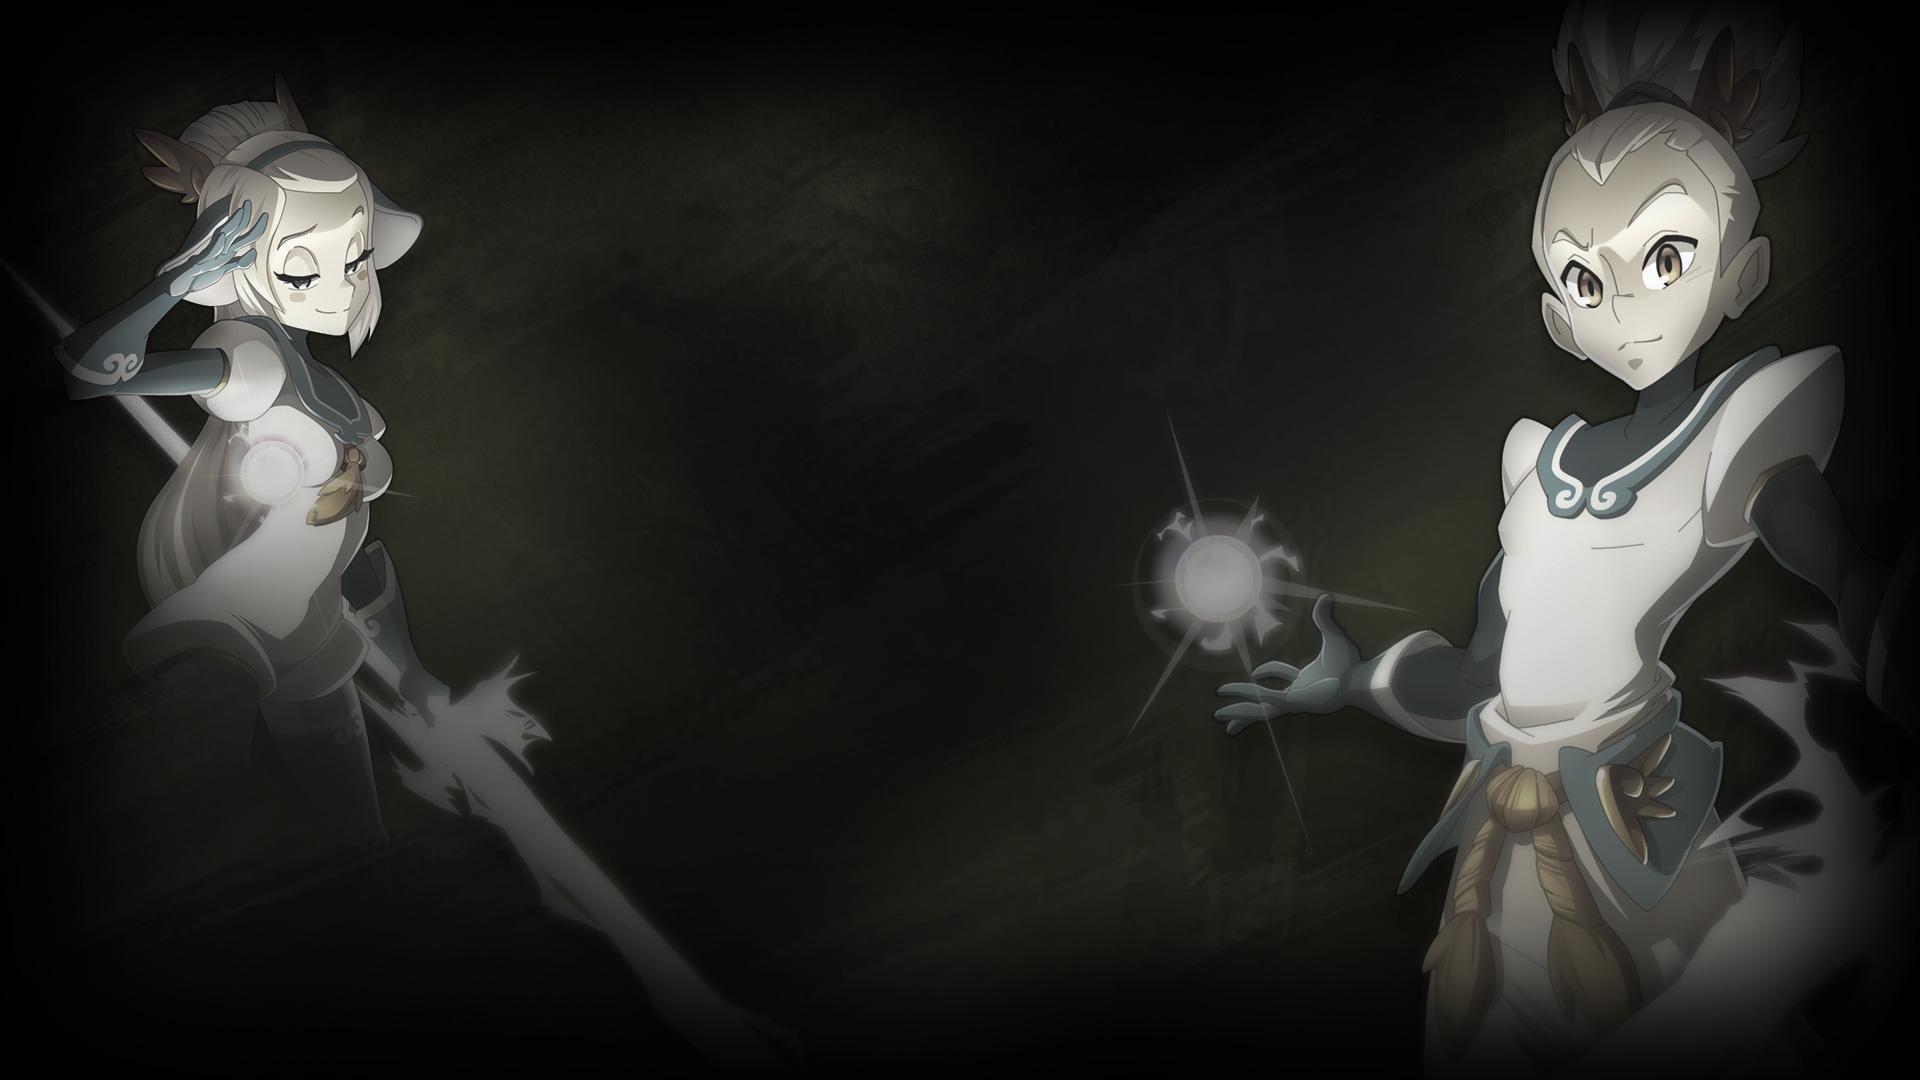 Mercado De La Comunidad Steam Anuncios Para 254300 Dofus